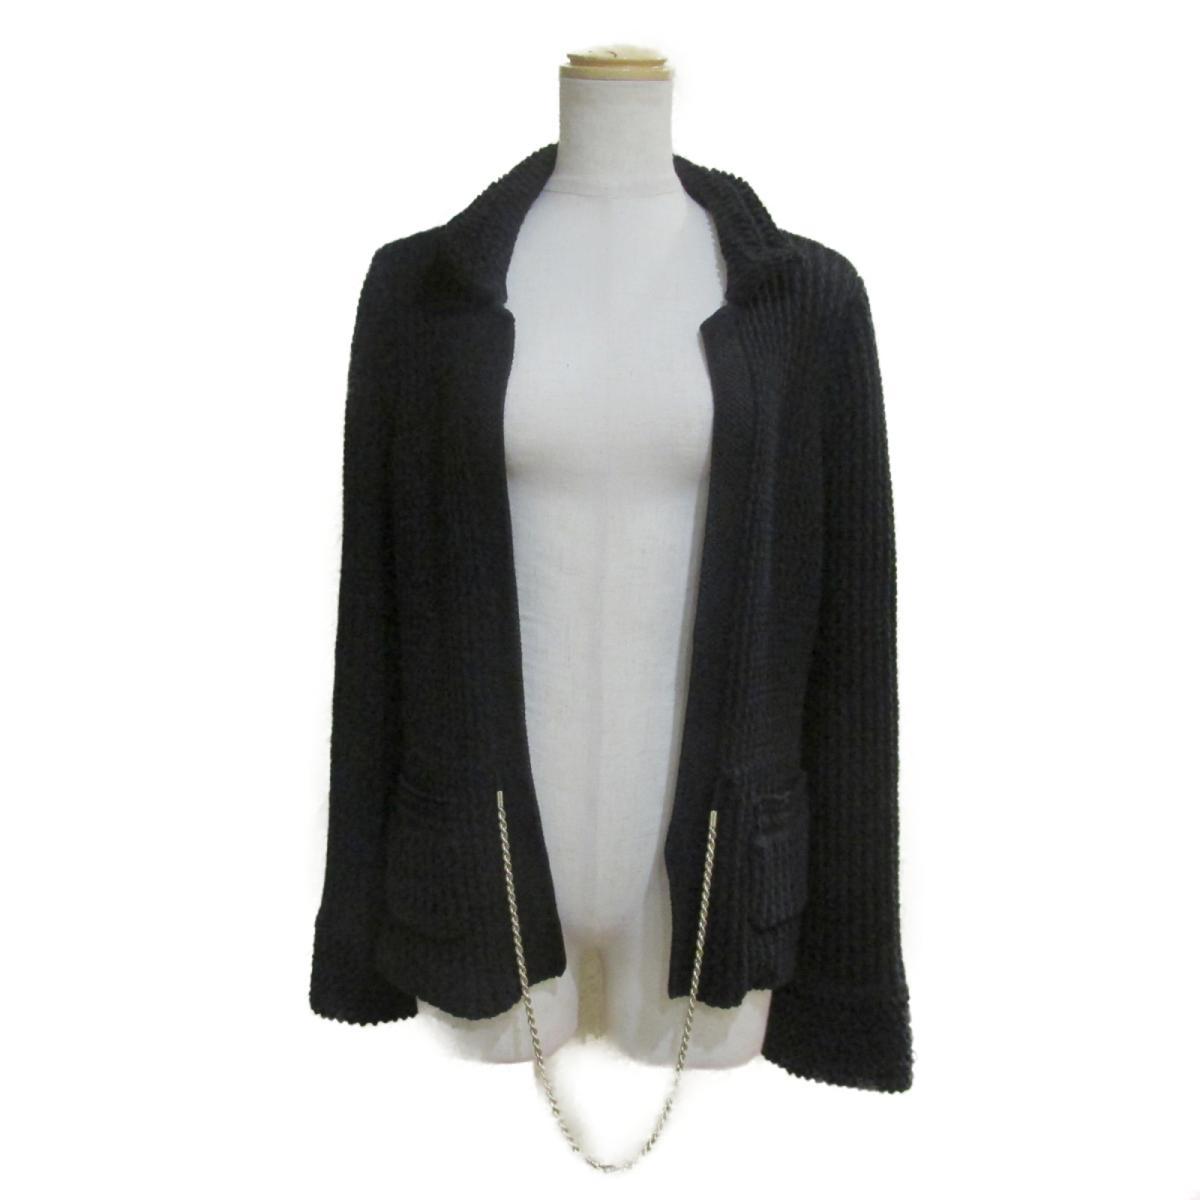 【中古】 シャネル ニット ジャケット レディース コットン100% ブラック (P40706K02995) | CHANEL BRANDOFF ブランドオフ 衣料品 衣類 ブランド アウター コート